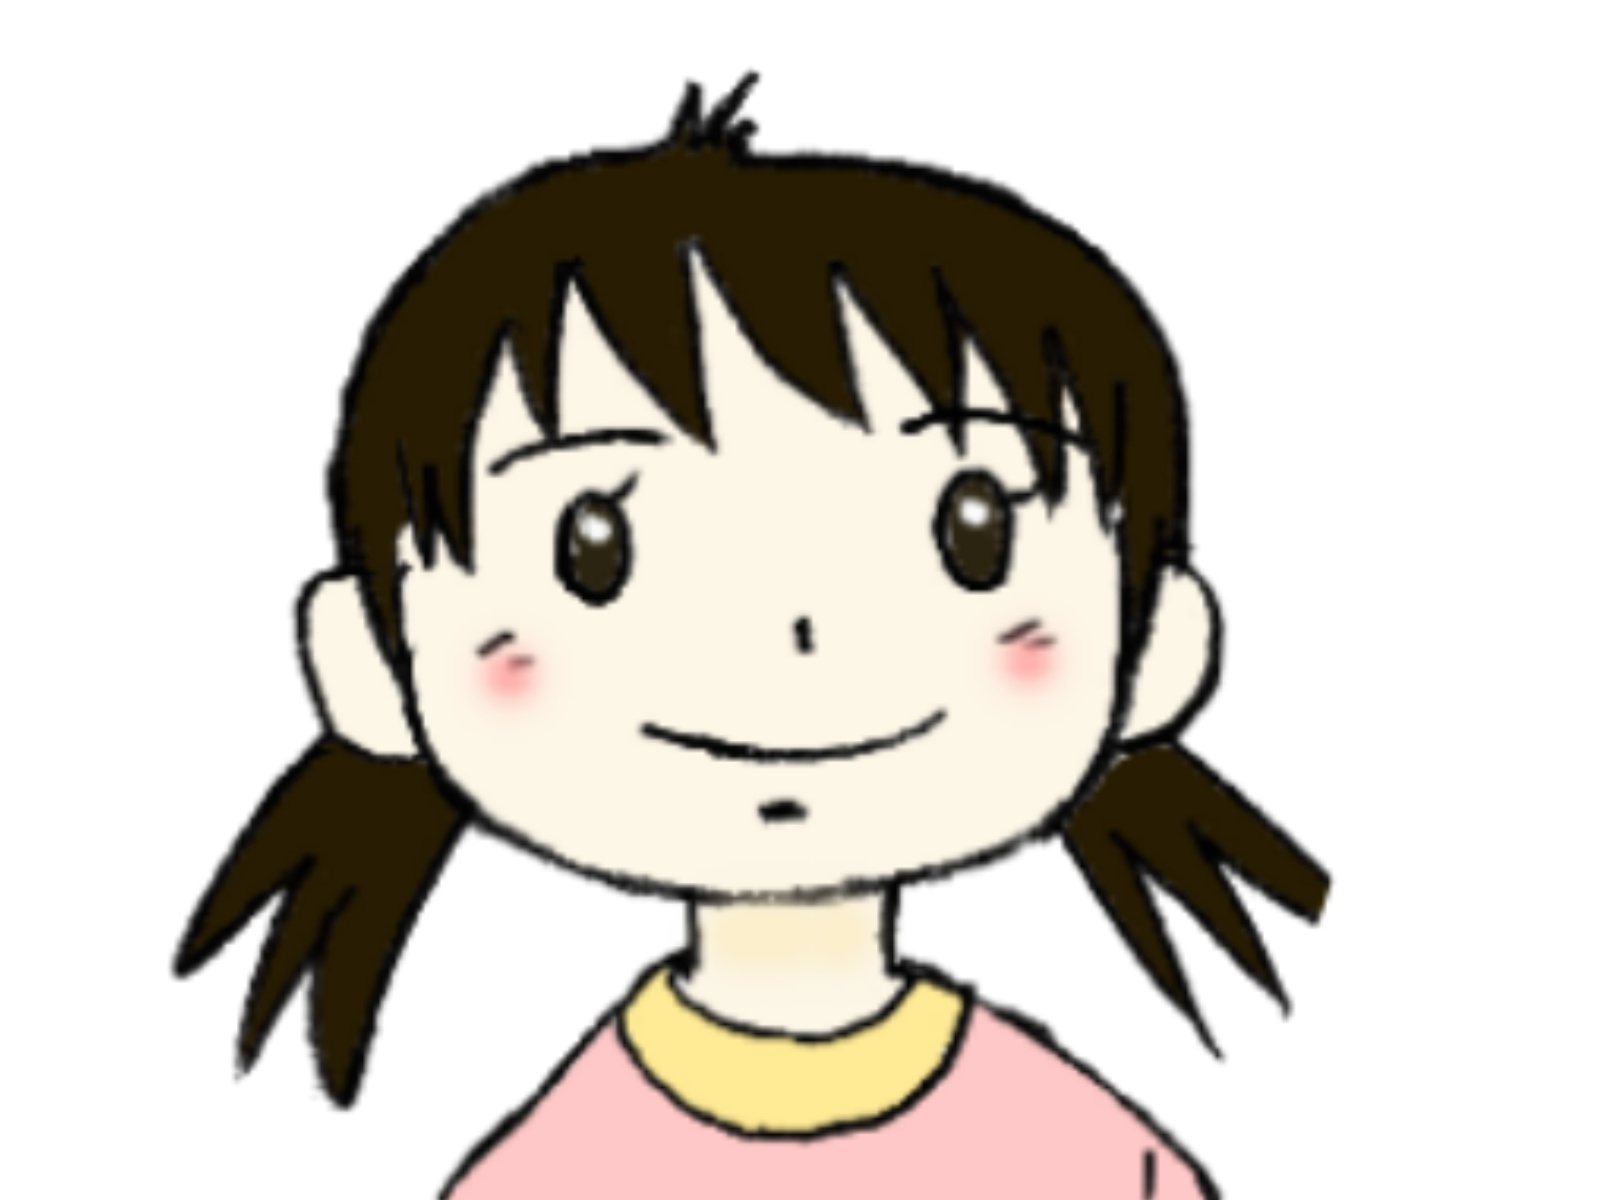 発達障害の娘の3つの性質(記憶力が弱い,触覚過敏,聴覚過敏)